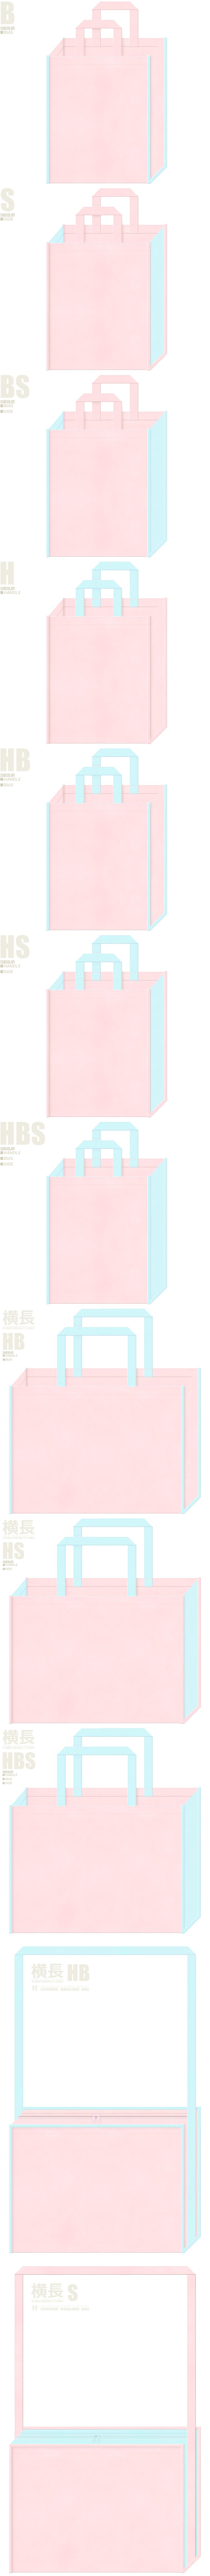 潤い・マーメイド・プリンセスのイメージにお奨めの不織布バッグデザイン:桜色と水色の配色7パターン。